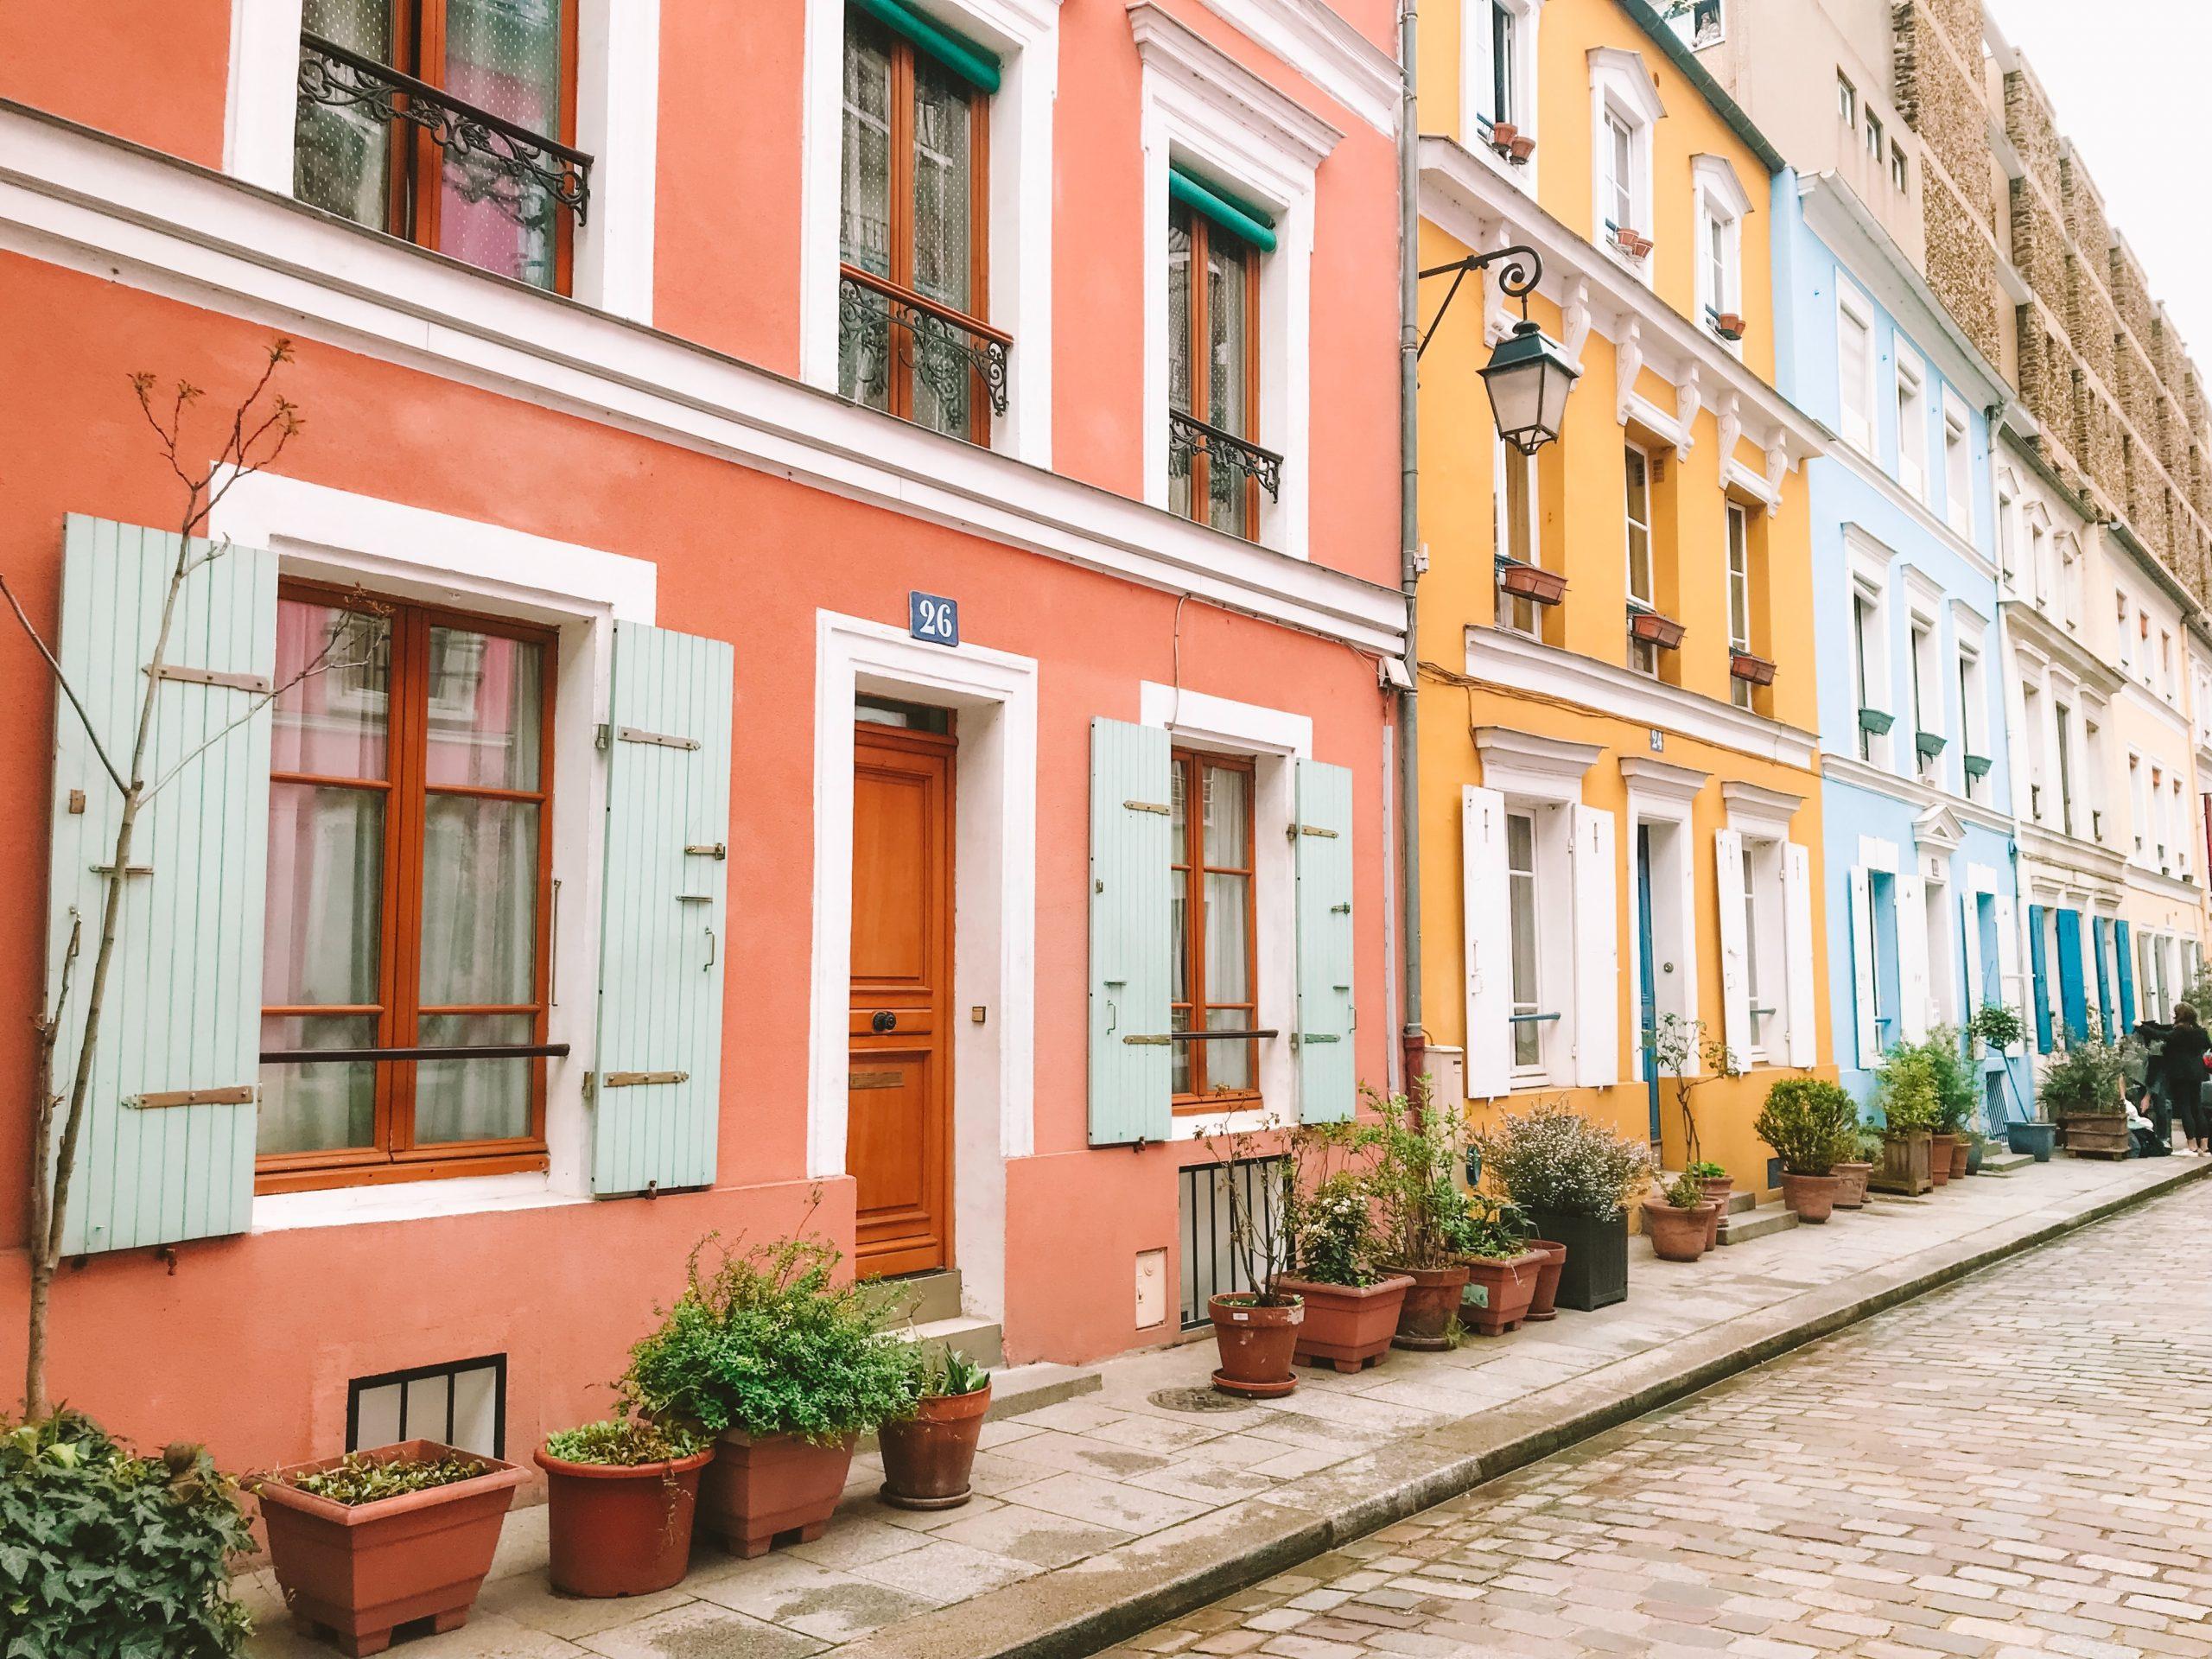 blogposts about paris